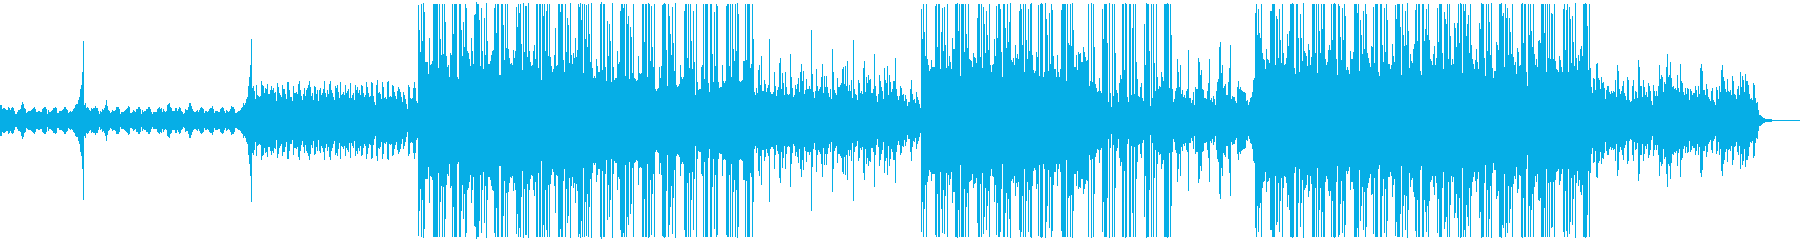 オルタナティブ・ロックテイストのBGMの再生済みの波形